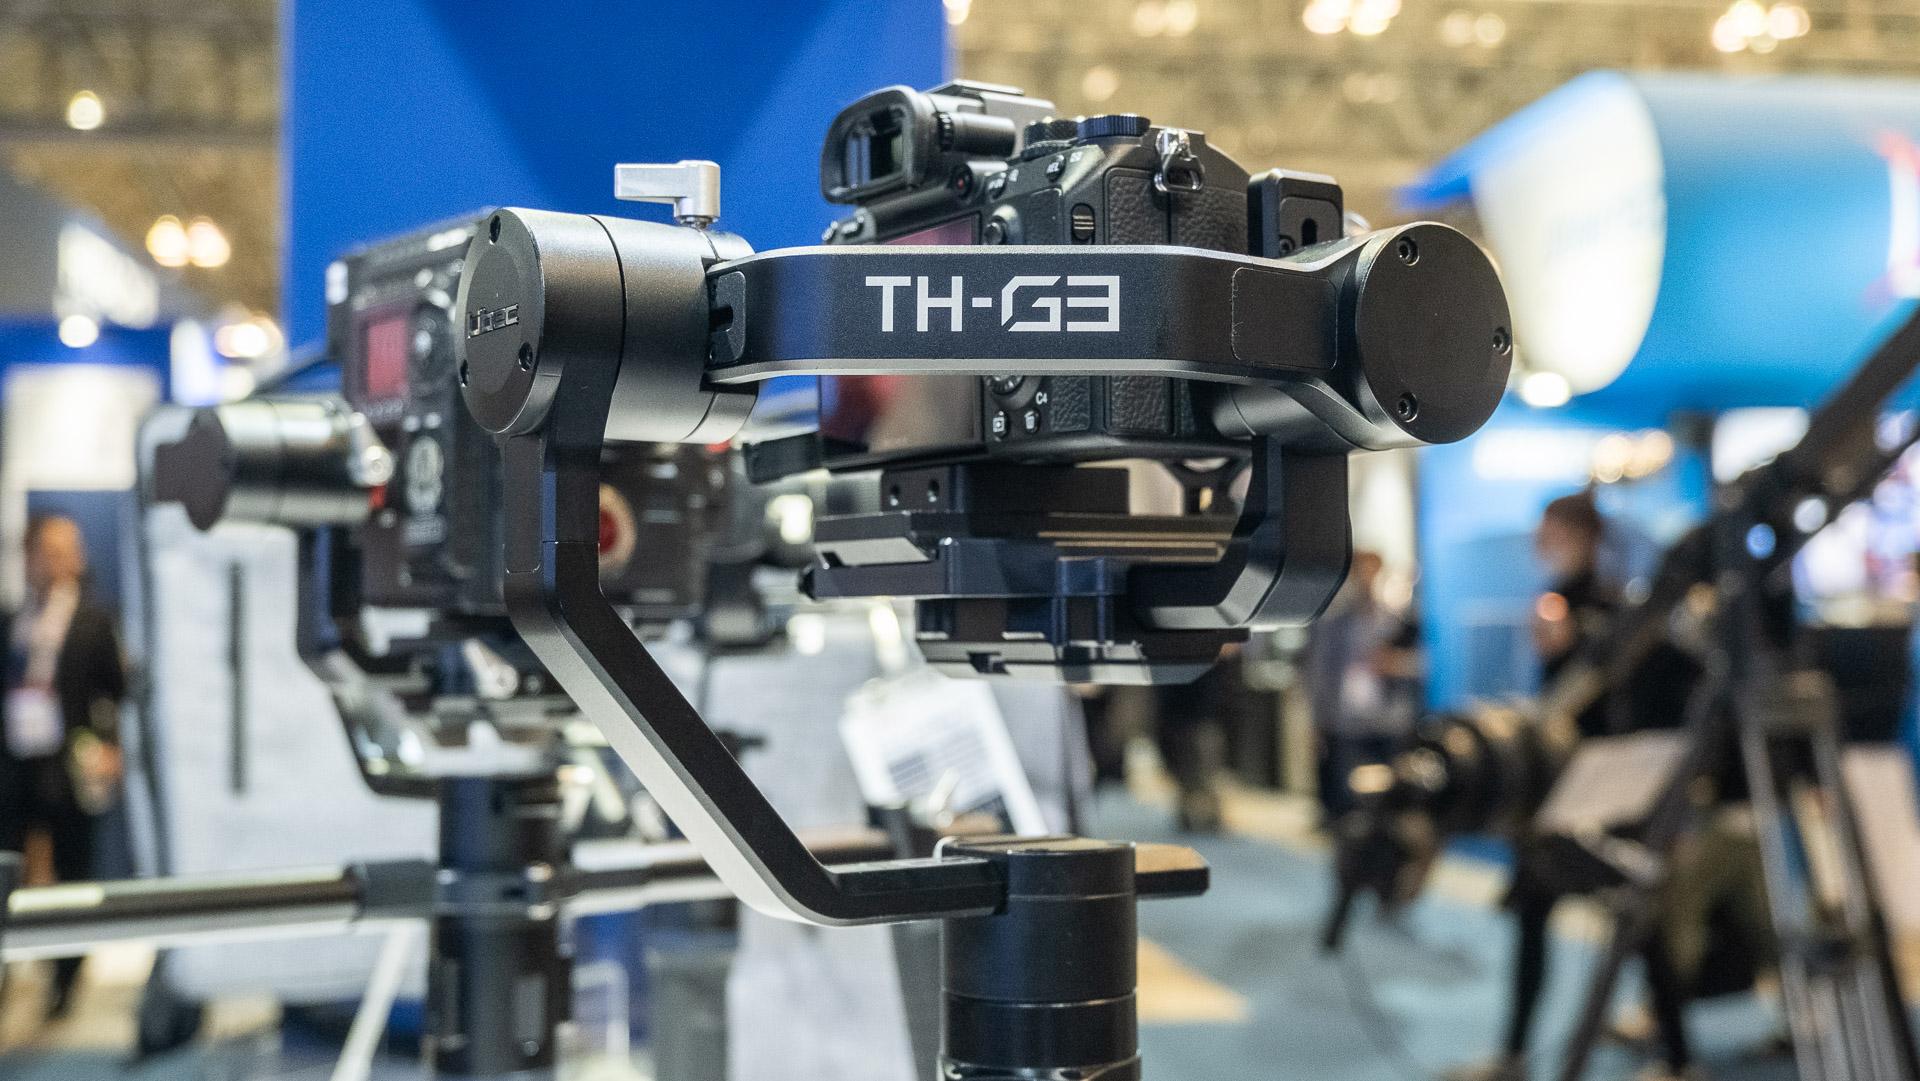 Nuevo Gimbal Libec TH-G3 - carga útil de hasta 3,6 kg, movimiento ilimitado de 360° y batería de alta capacidad